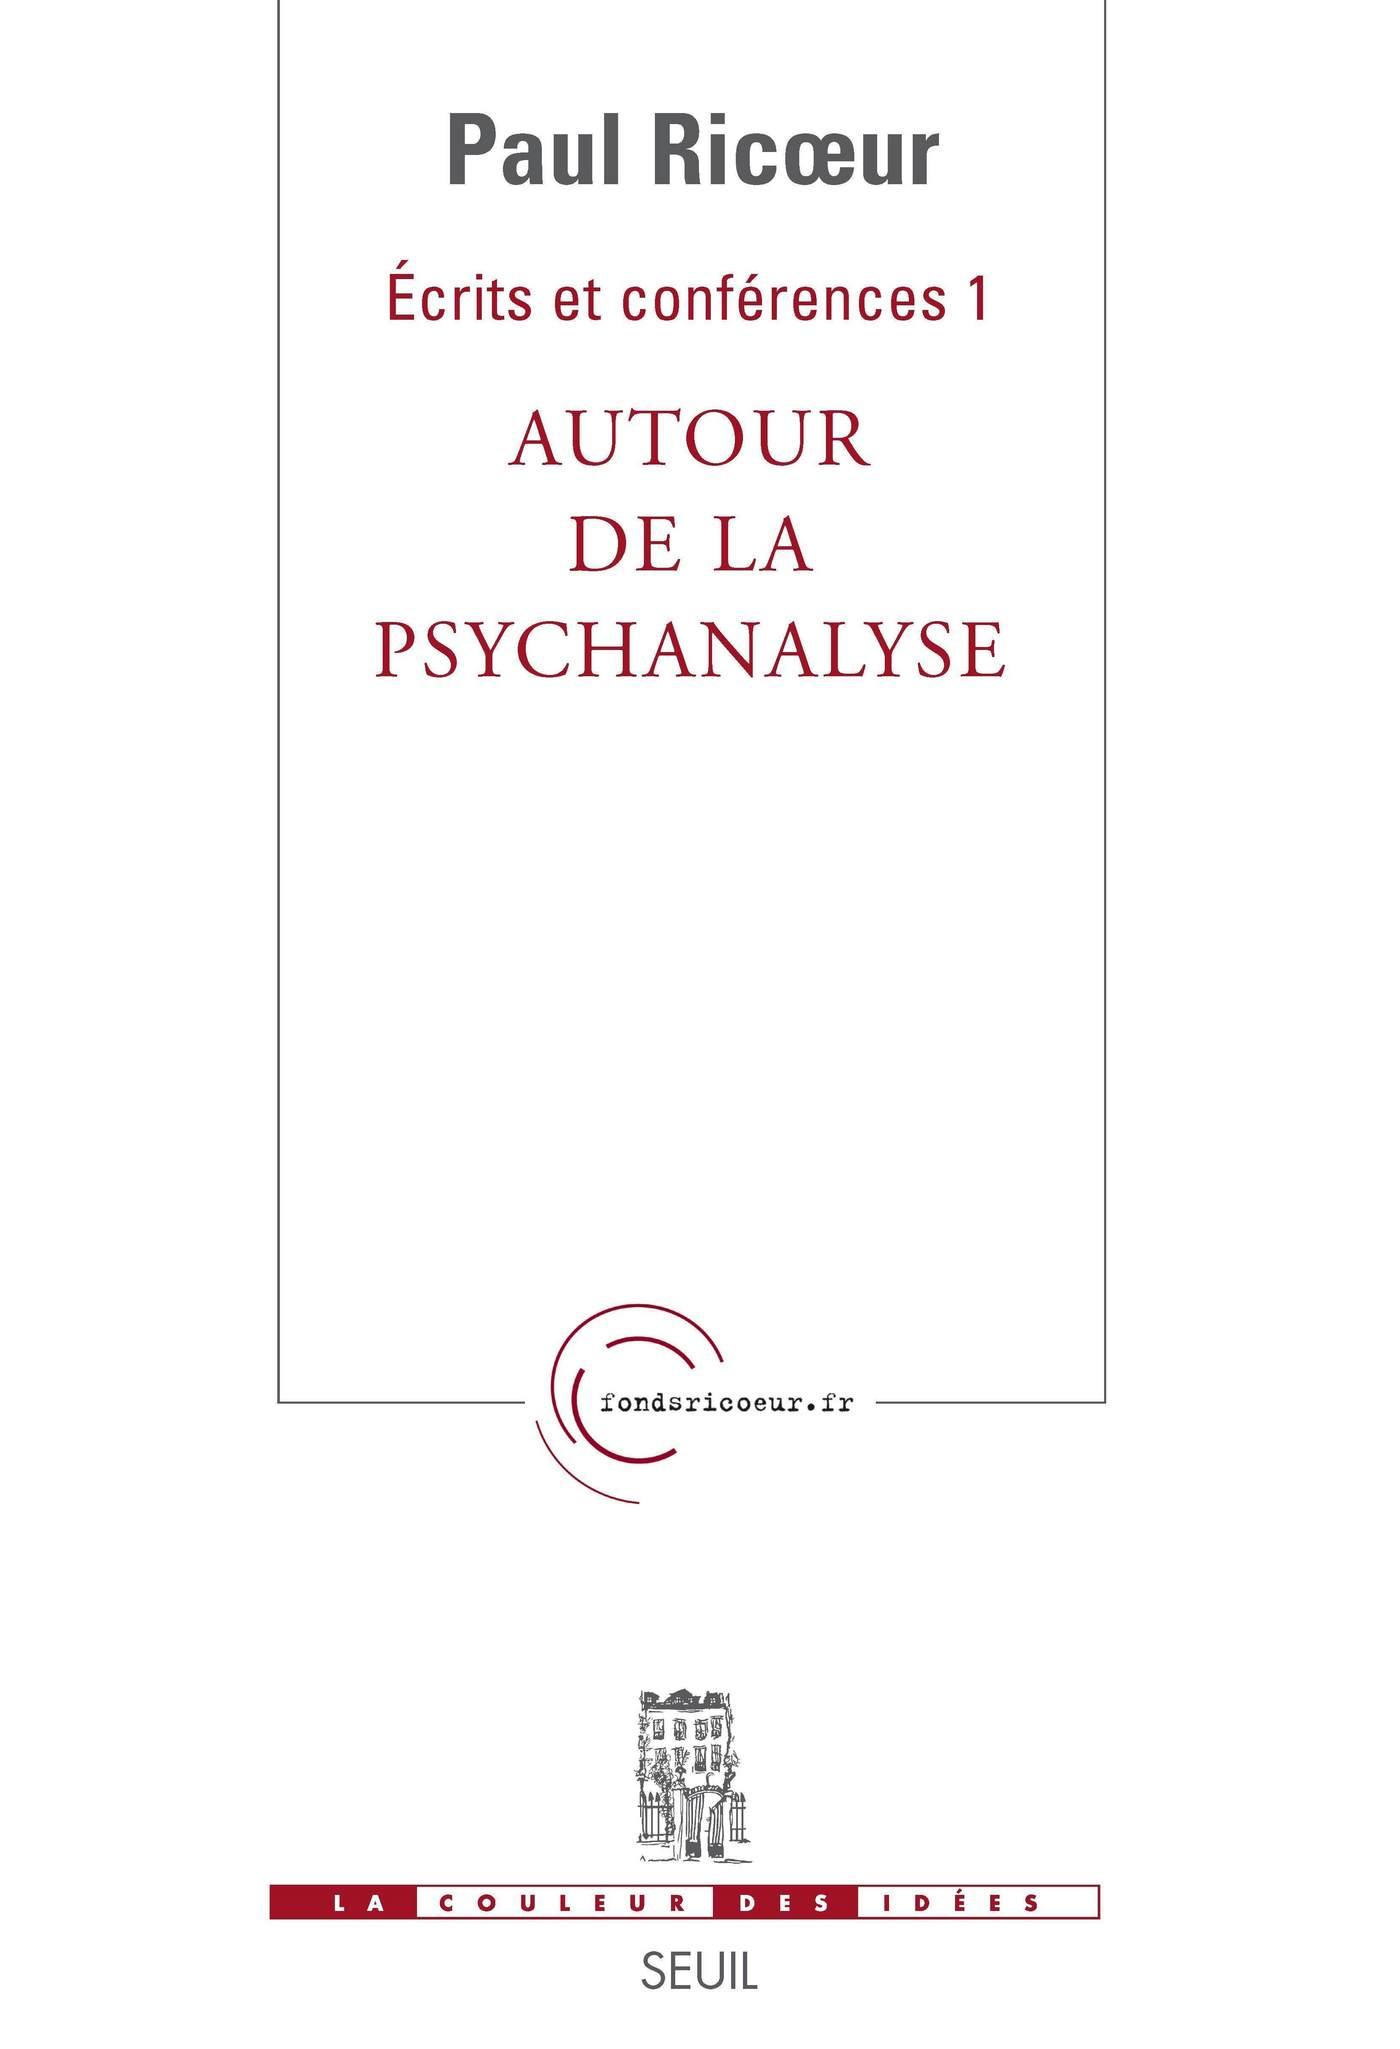 Ecrits et Conférences. Autour de la psychanalyse,